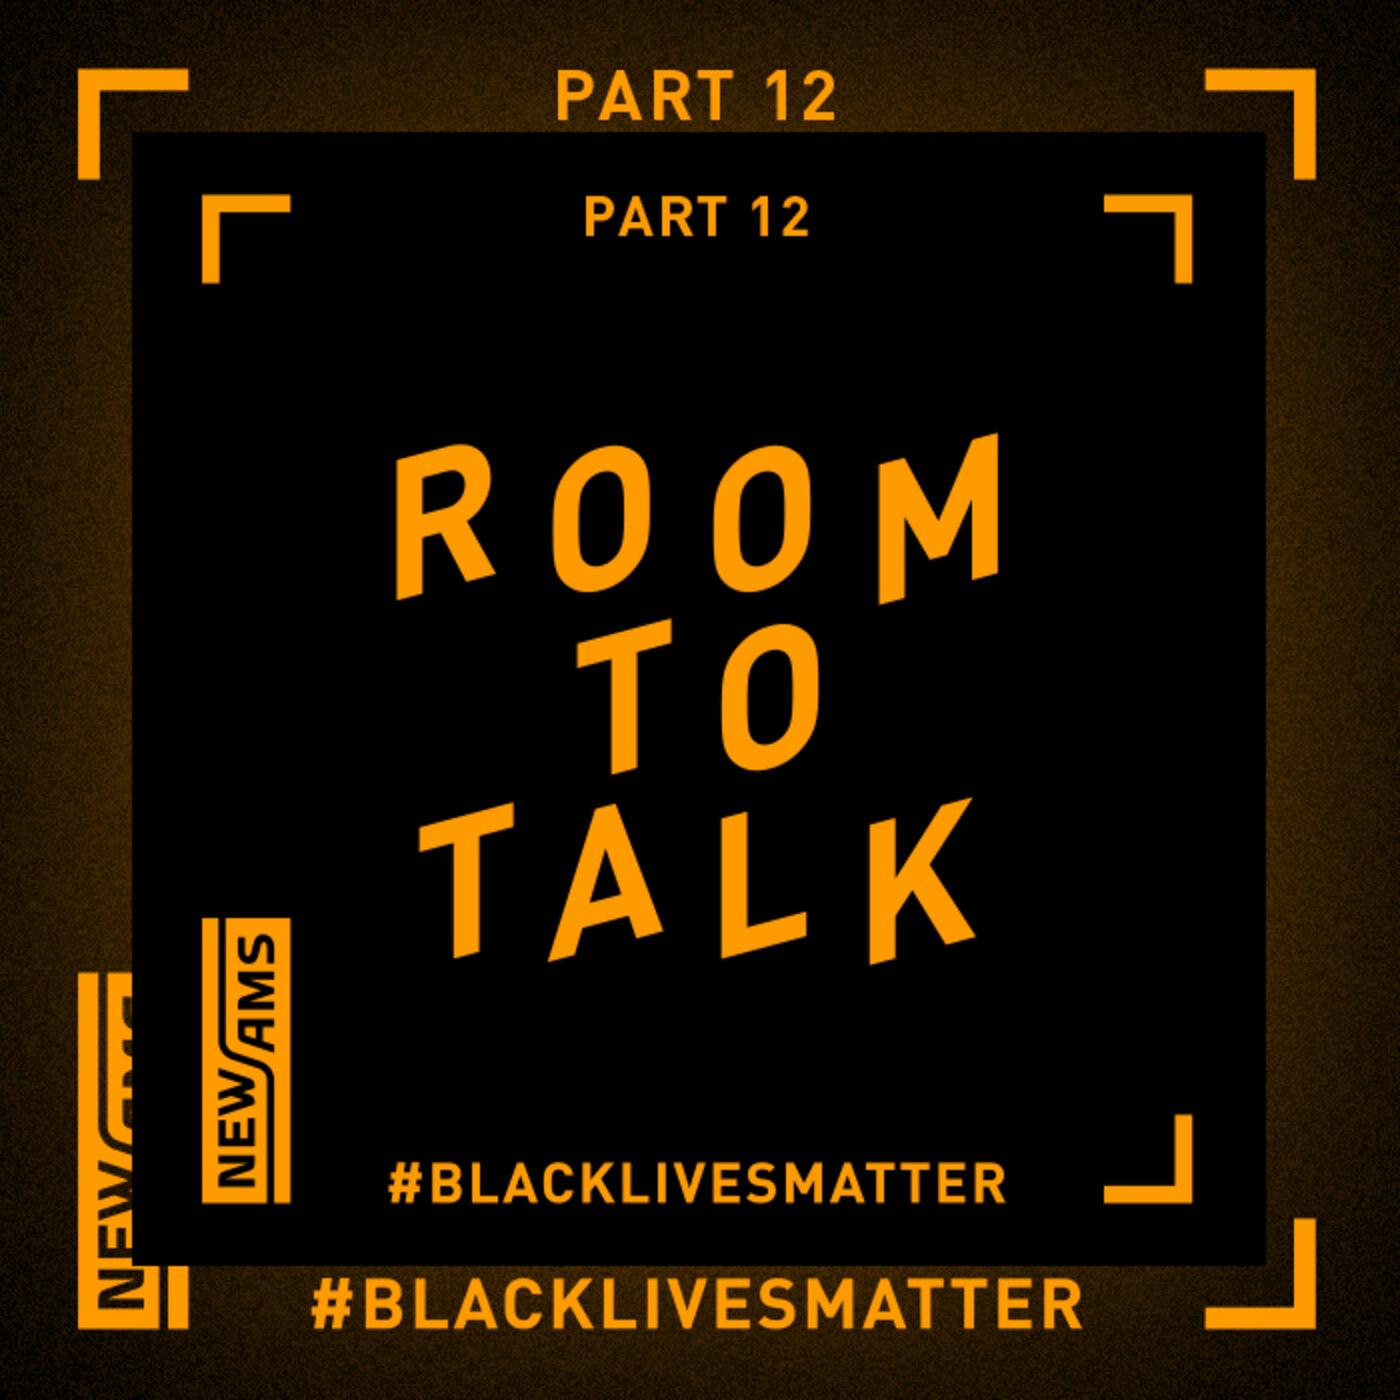 Room to Talk: Black Lives Matter Part 12